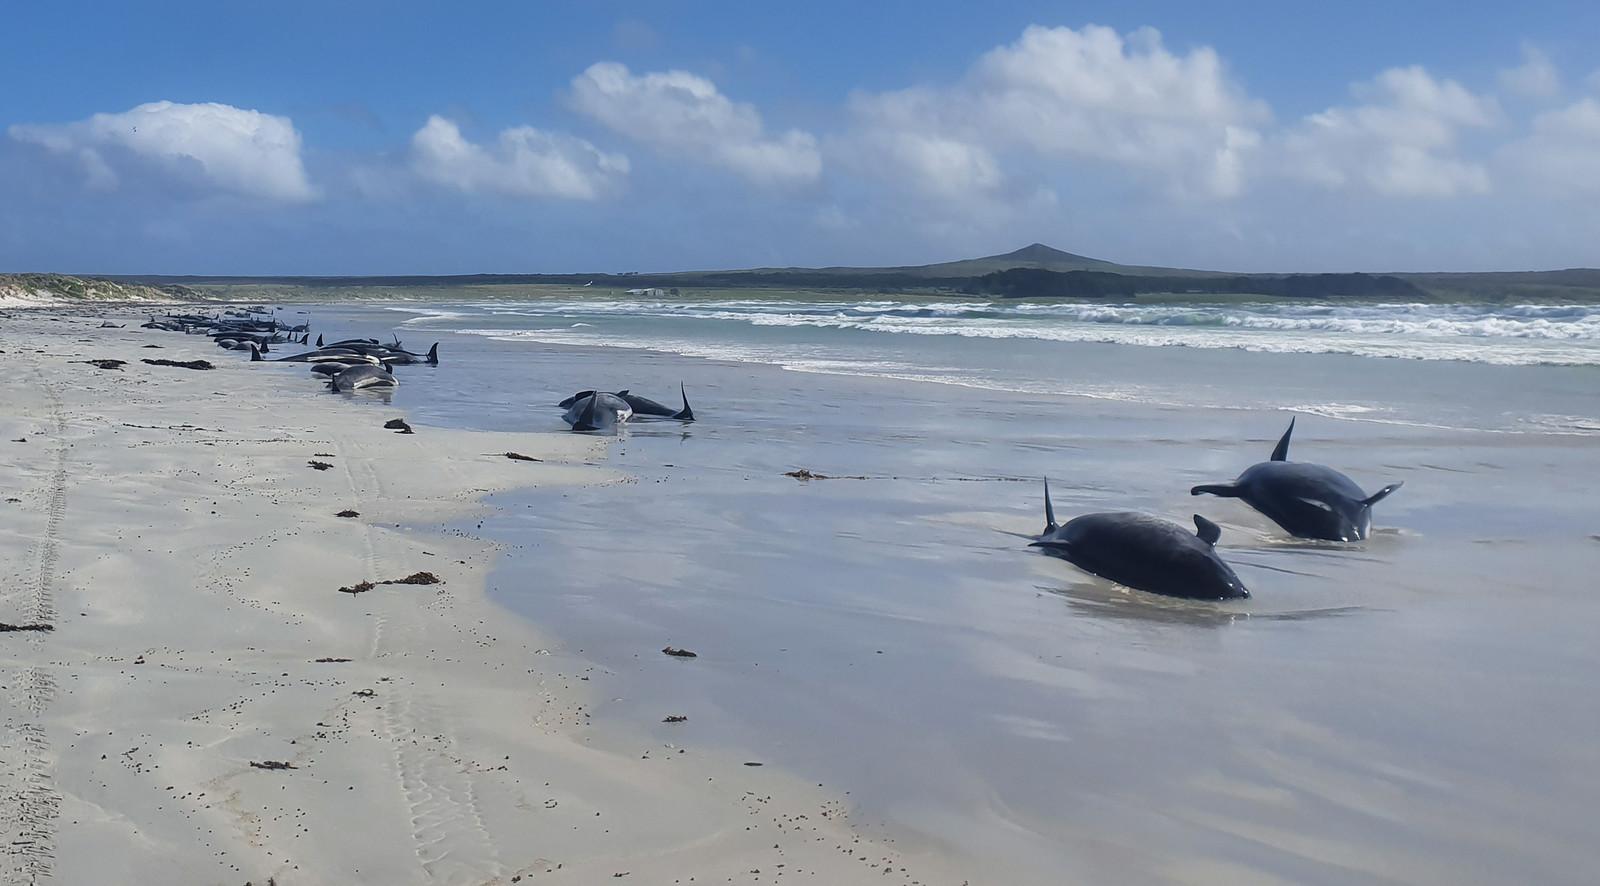 Zo'n 100 gestrande dolfijnen op het strand in Nieuw-Zeeland.